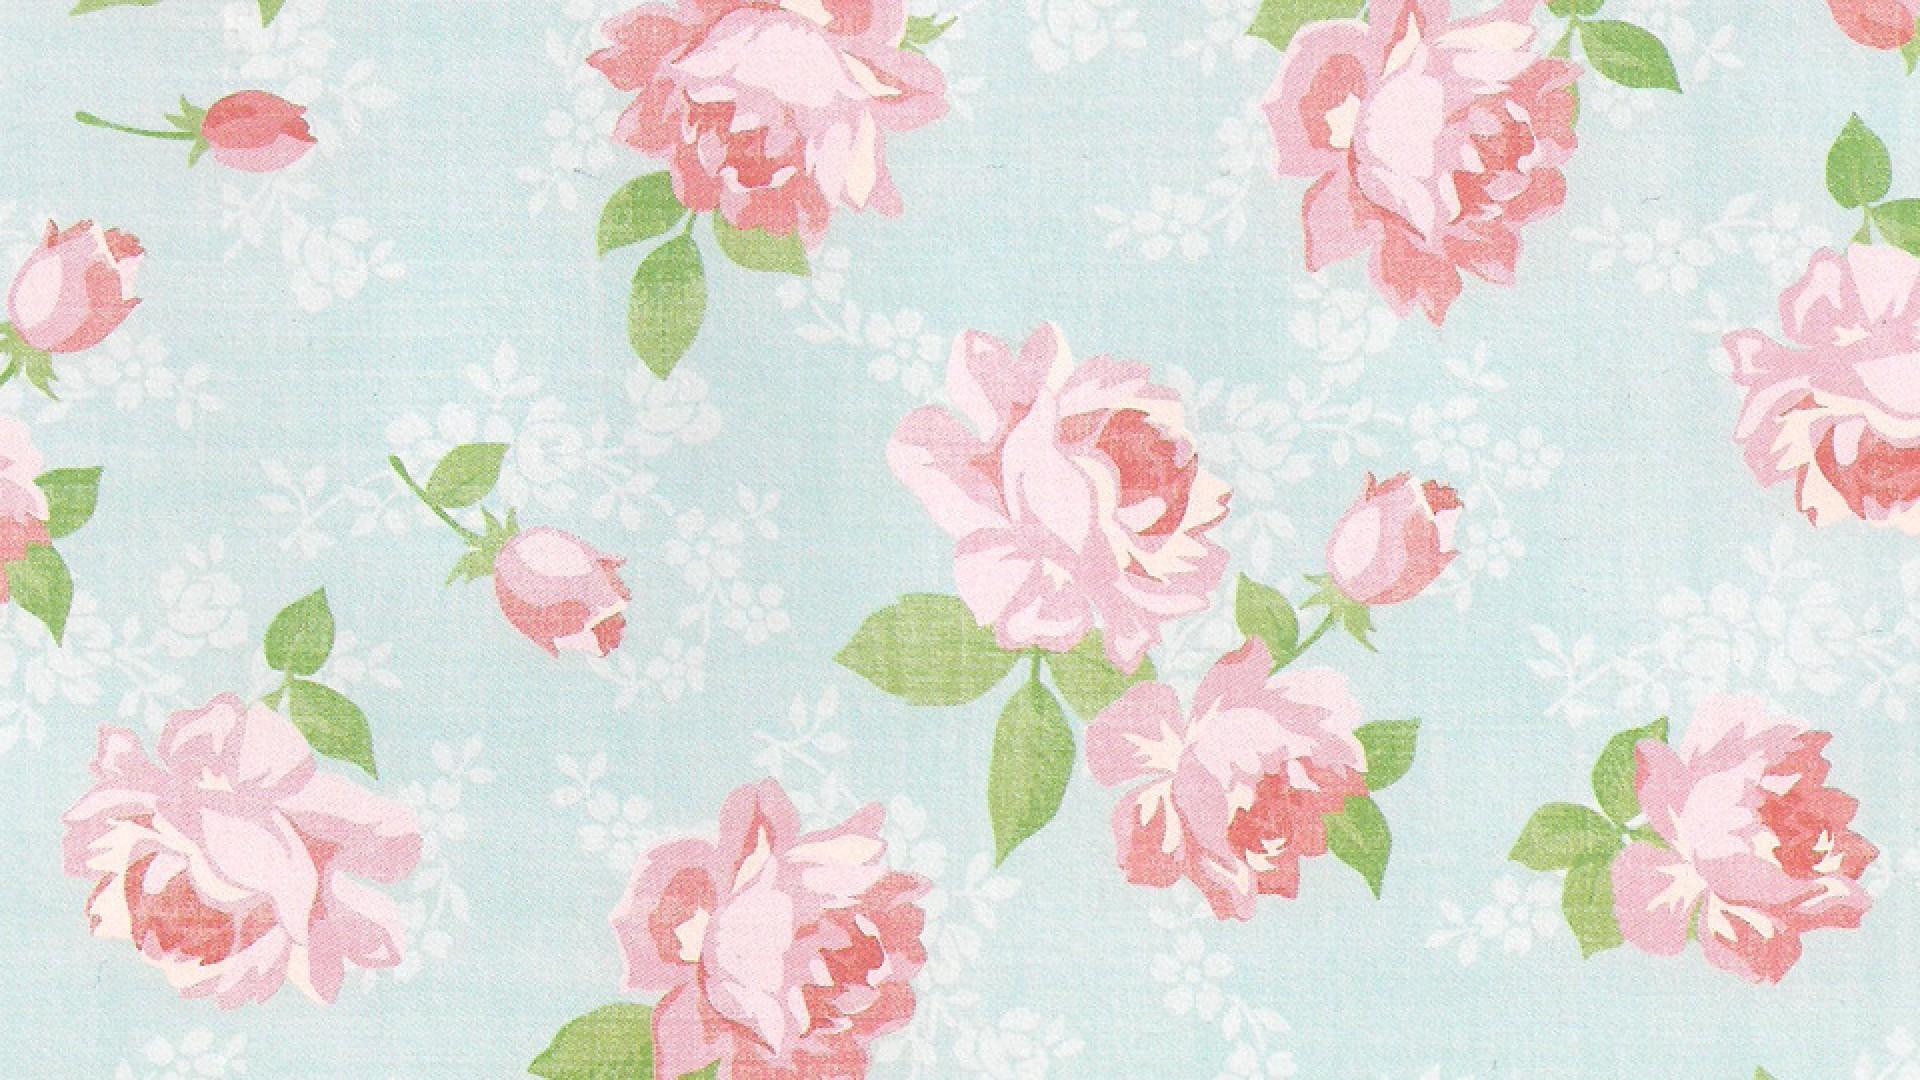 Floral Vintage Tumblr Gaya Vintage Download Backgrounds For